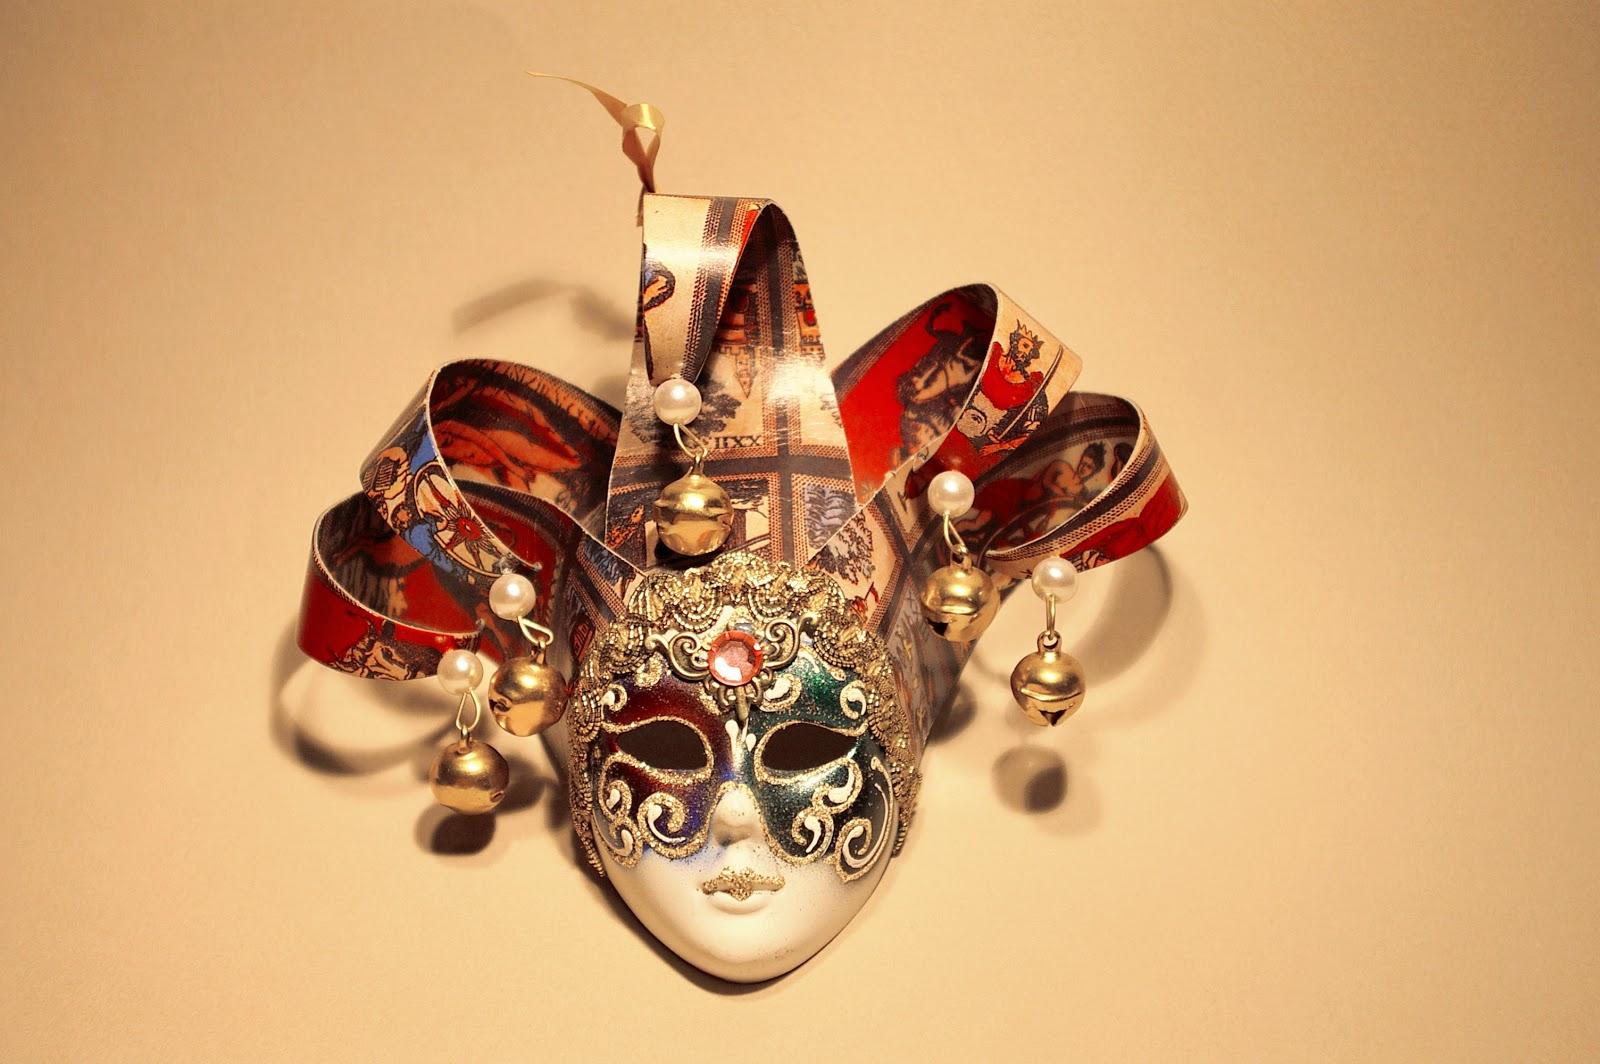 Decoraci n carnaval decoracion en el hogar - Mascaras venecianas decoracion ...